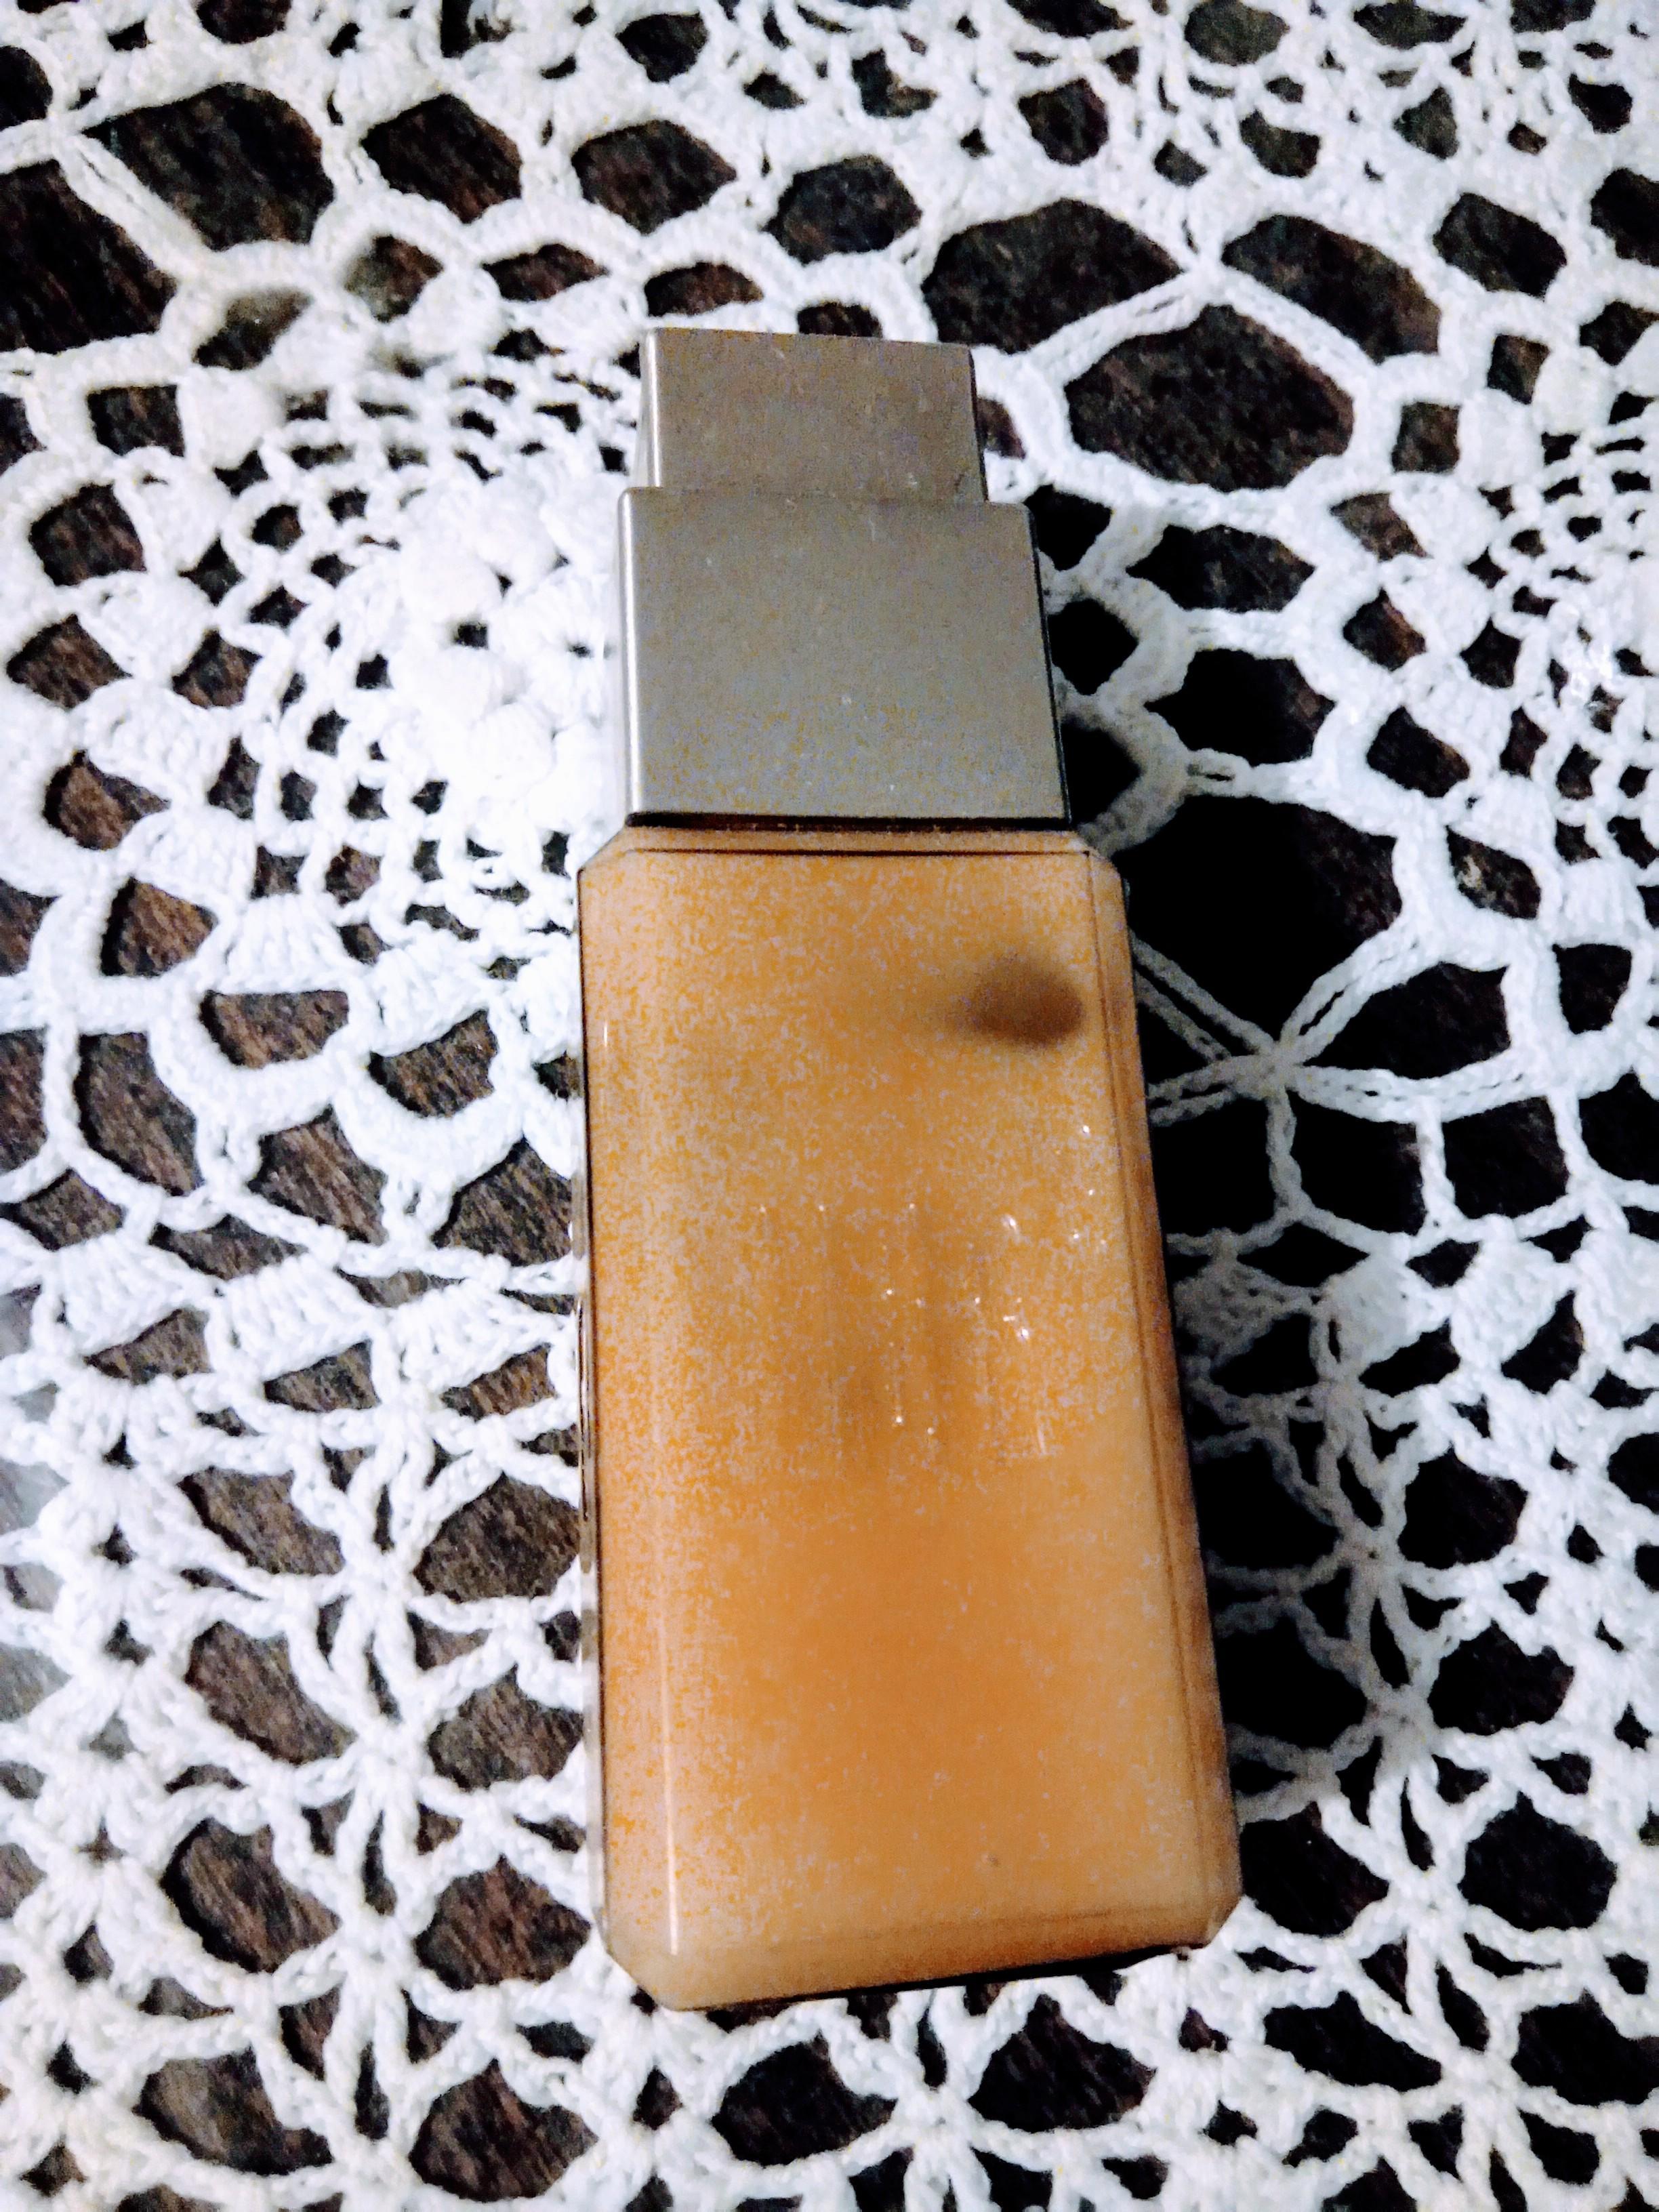 troc de troc rÉs./ca.: aprÈs-rasage gaultier image 2